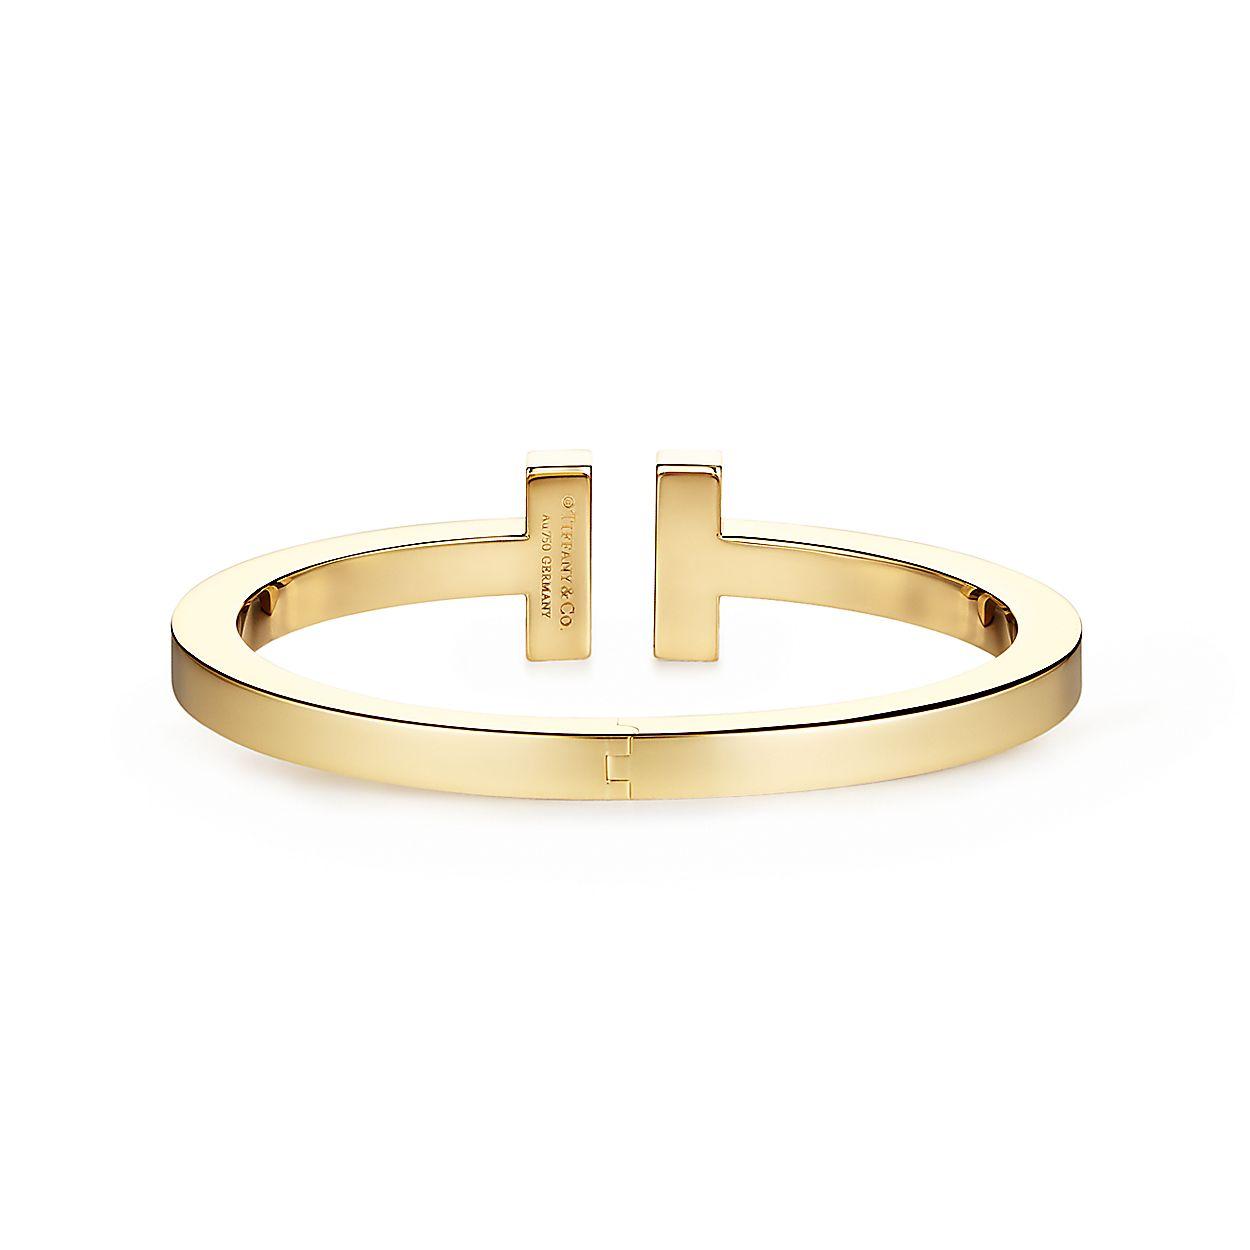 d364cad47ca1 Bracelet Jewelry Pulseras Collares Llaveros t